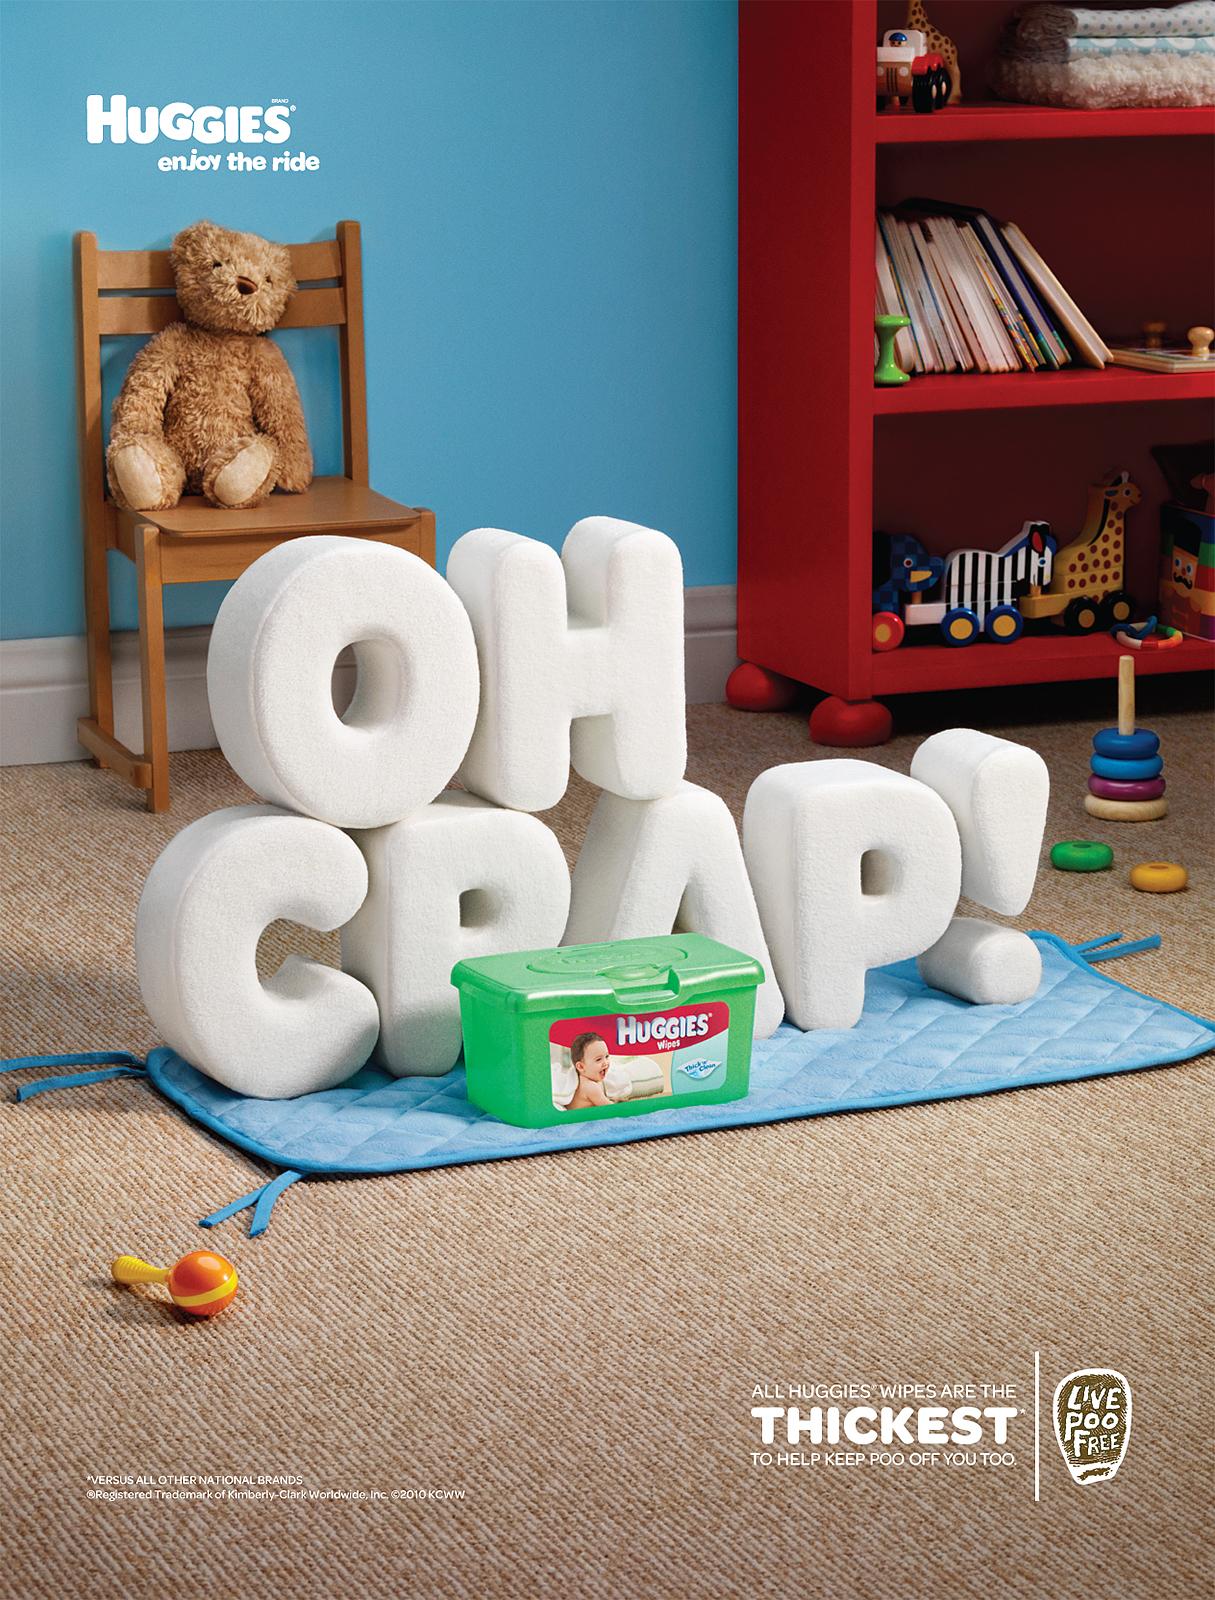 Huggies_Oh_Crap.jpg